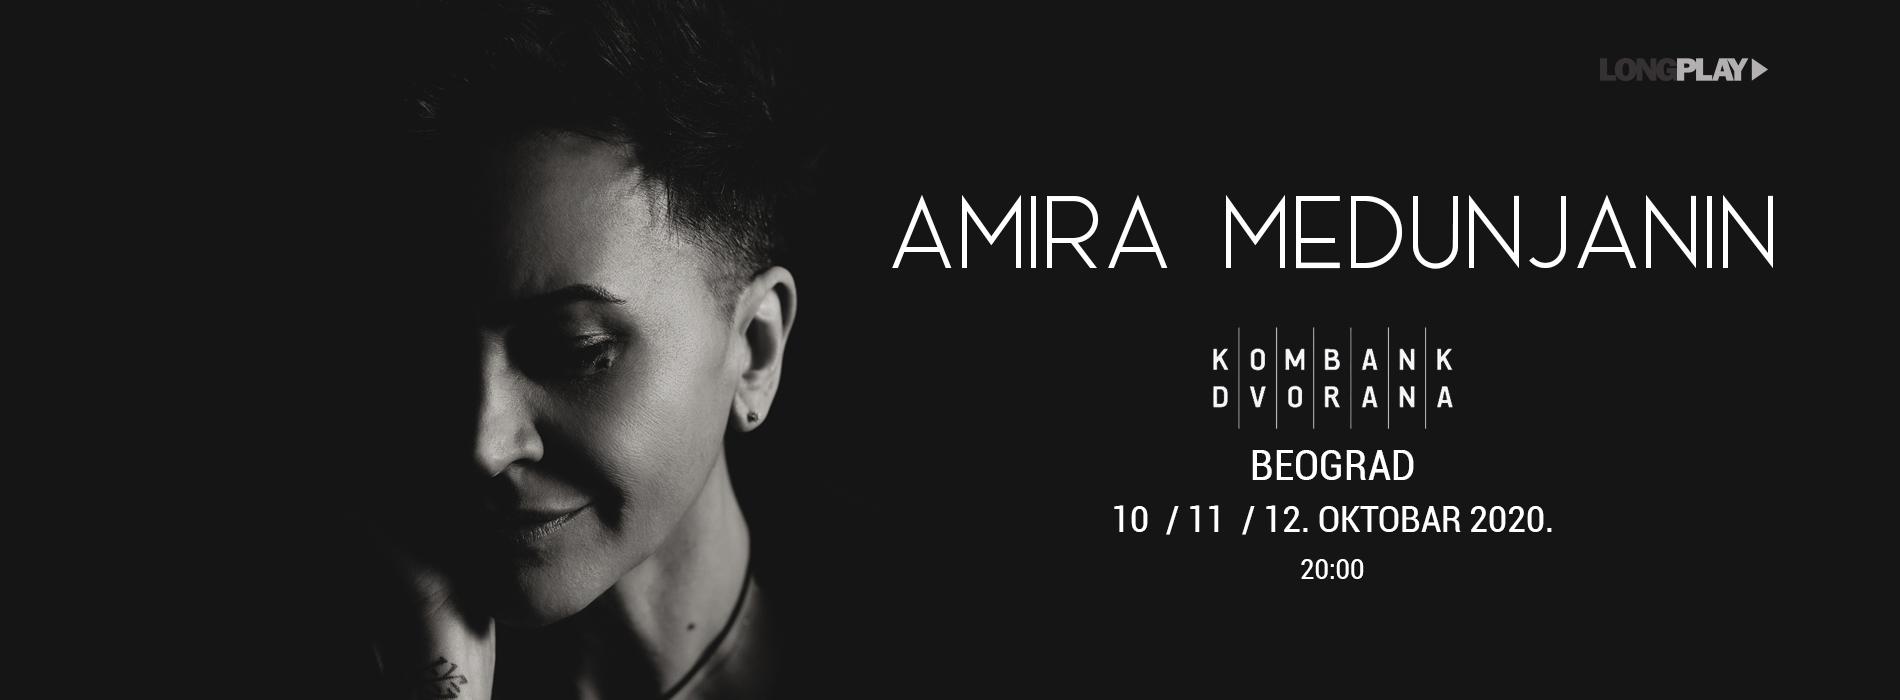 Amira Medunjanin Kombank Dvorana koncert